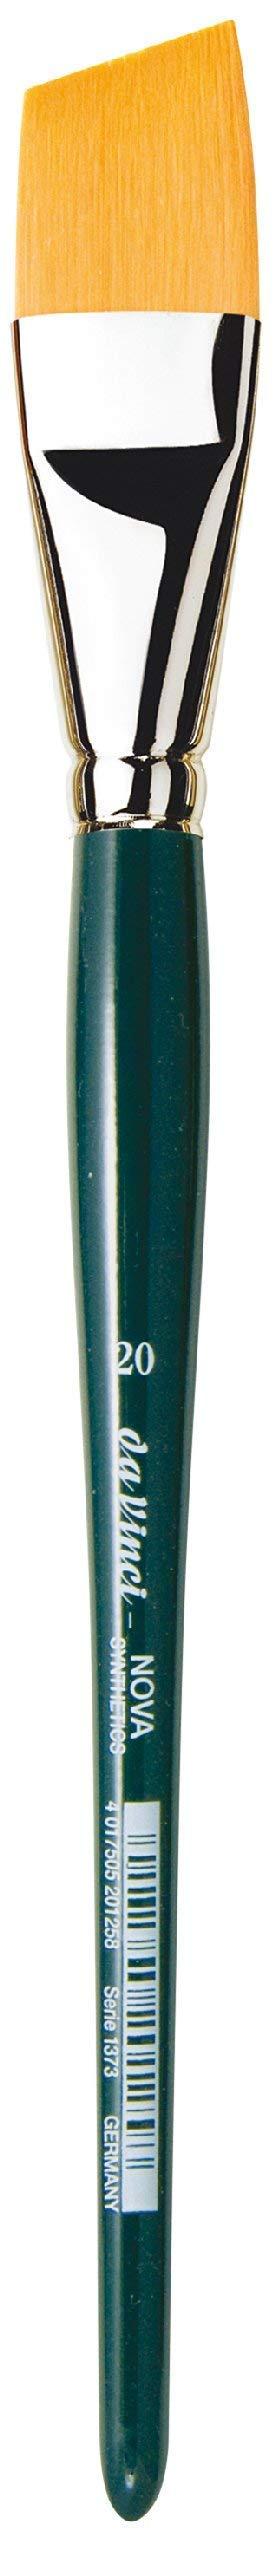 da Vinci Nova Series 1373 Paint Brush, Slanting Edge Synthetic, Size 20